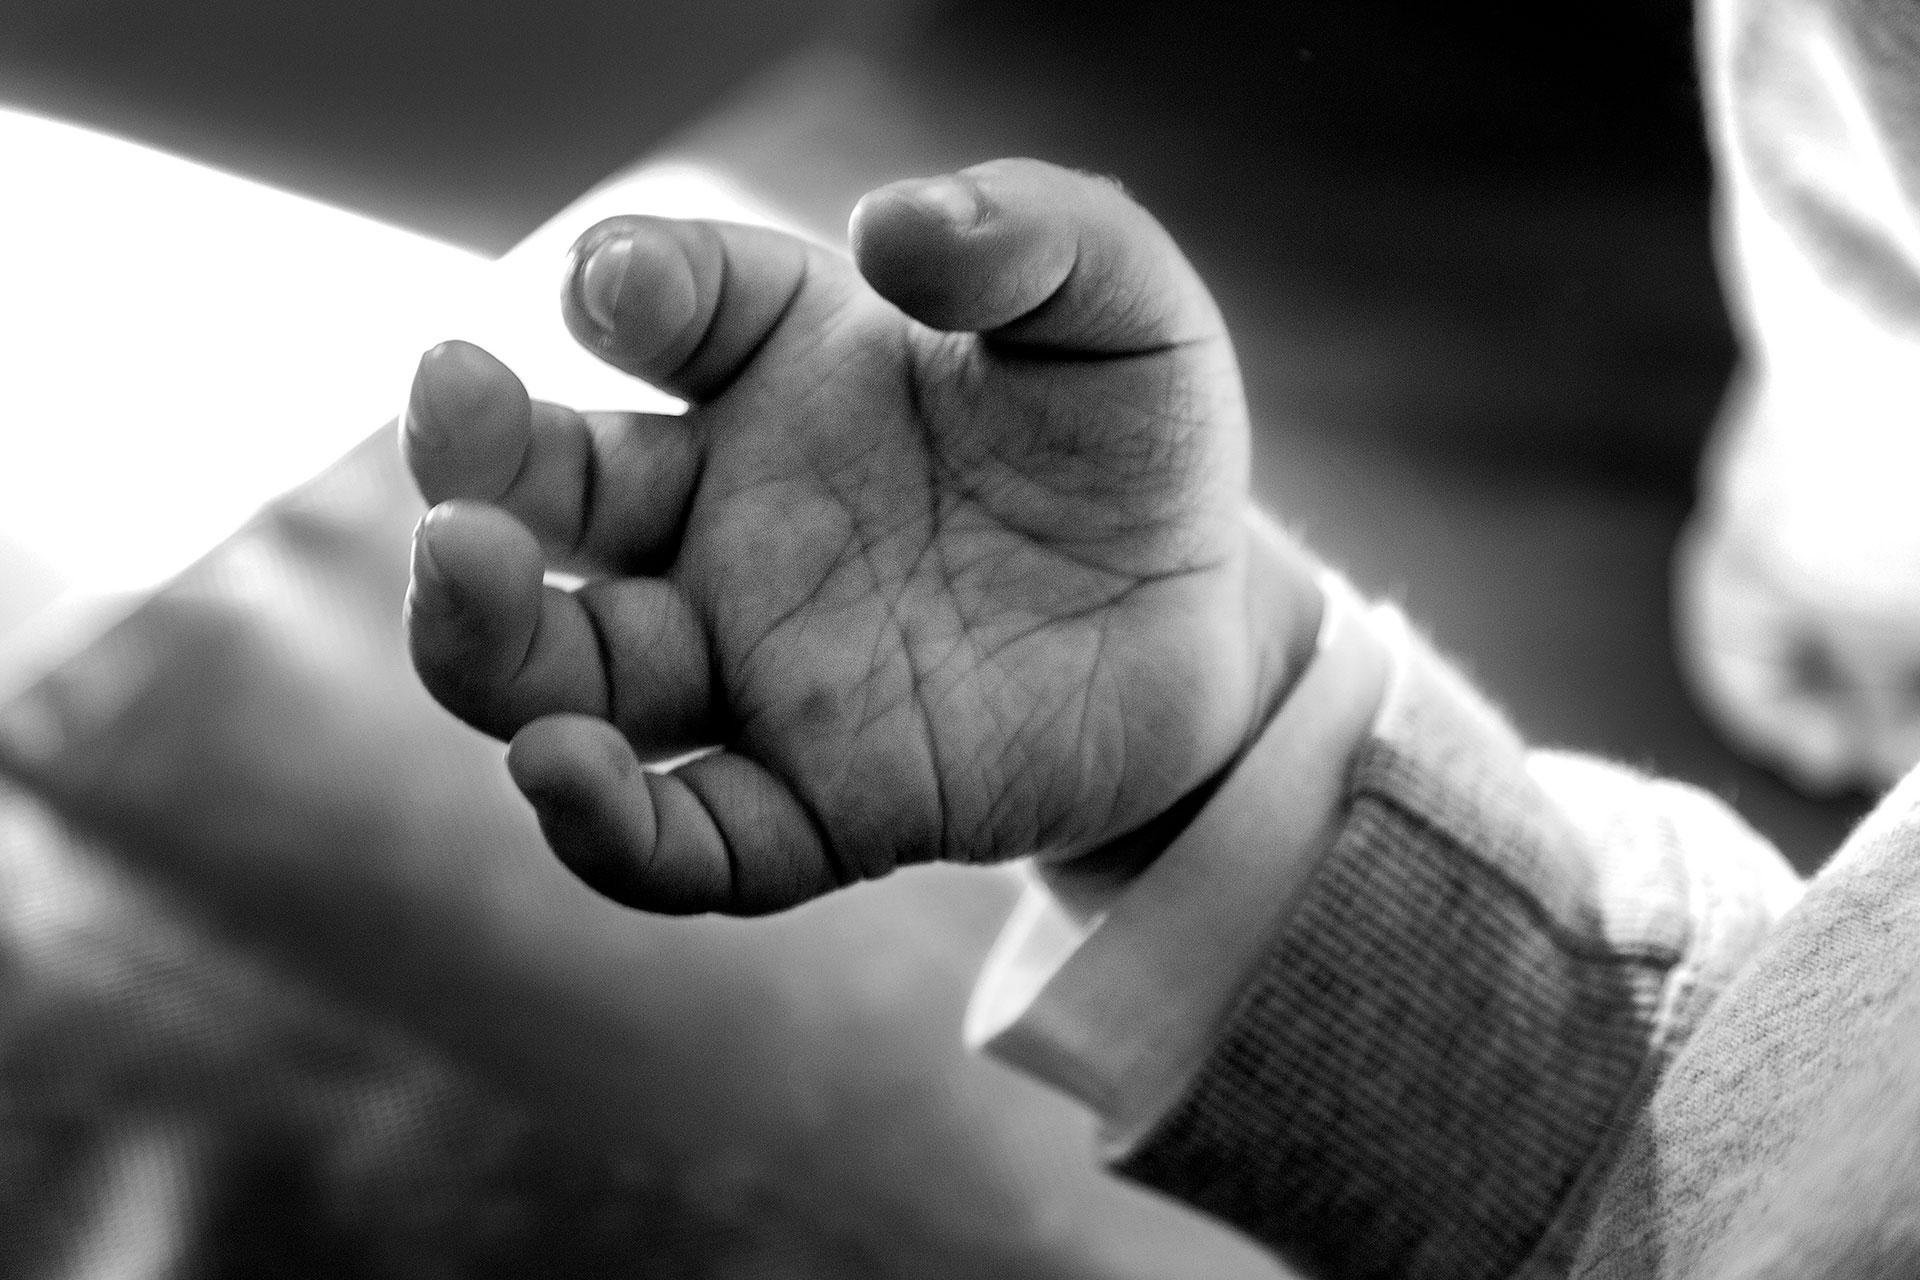 Detalle de la mano de Nacho donde puede apreciarse gran parte del deterioro en las articulaciones, fruto de la enfermedad.